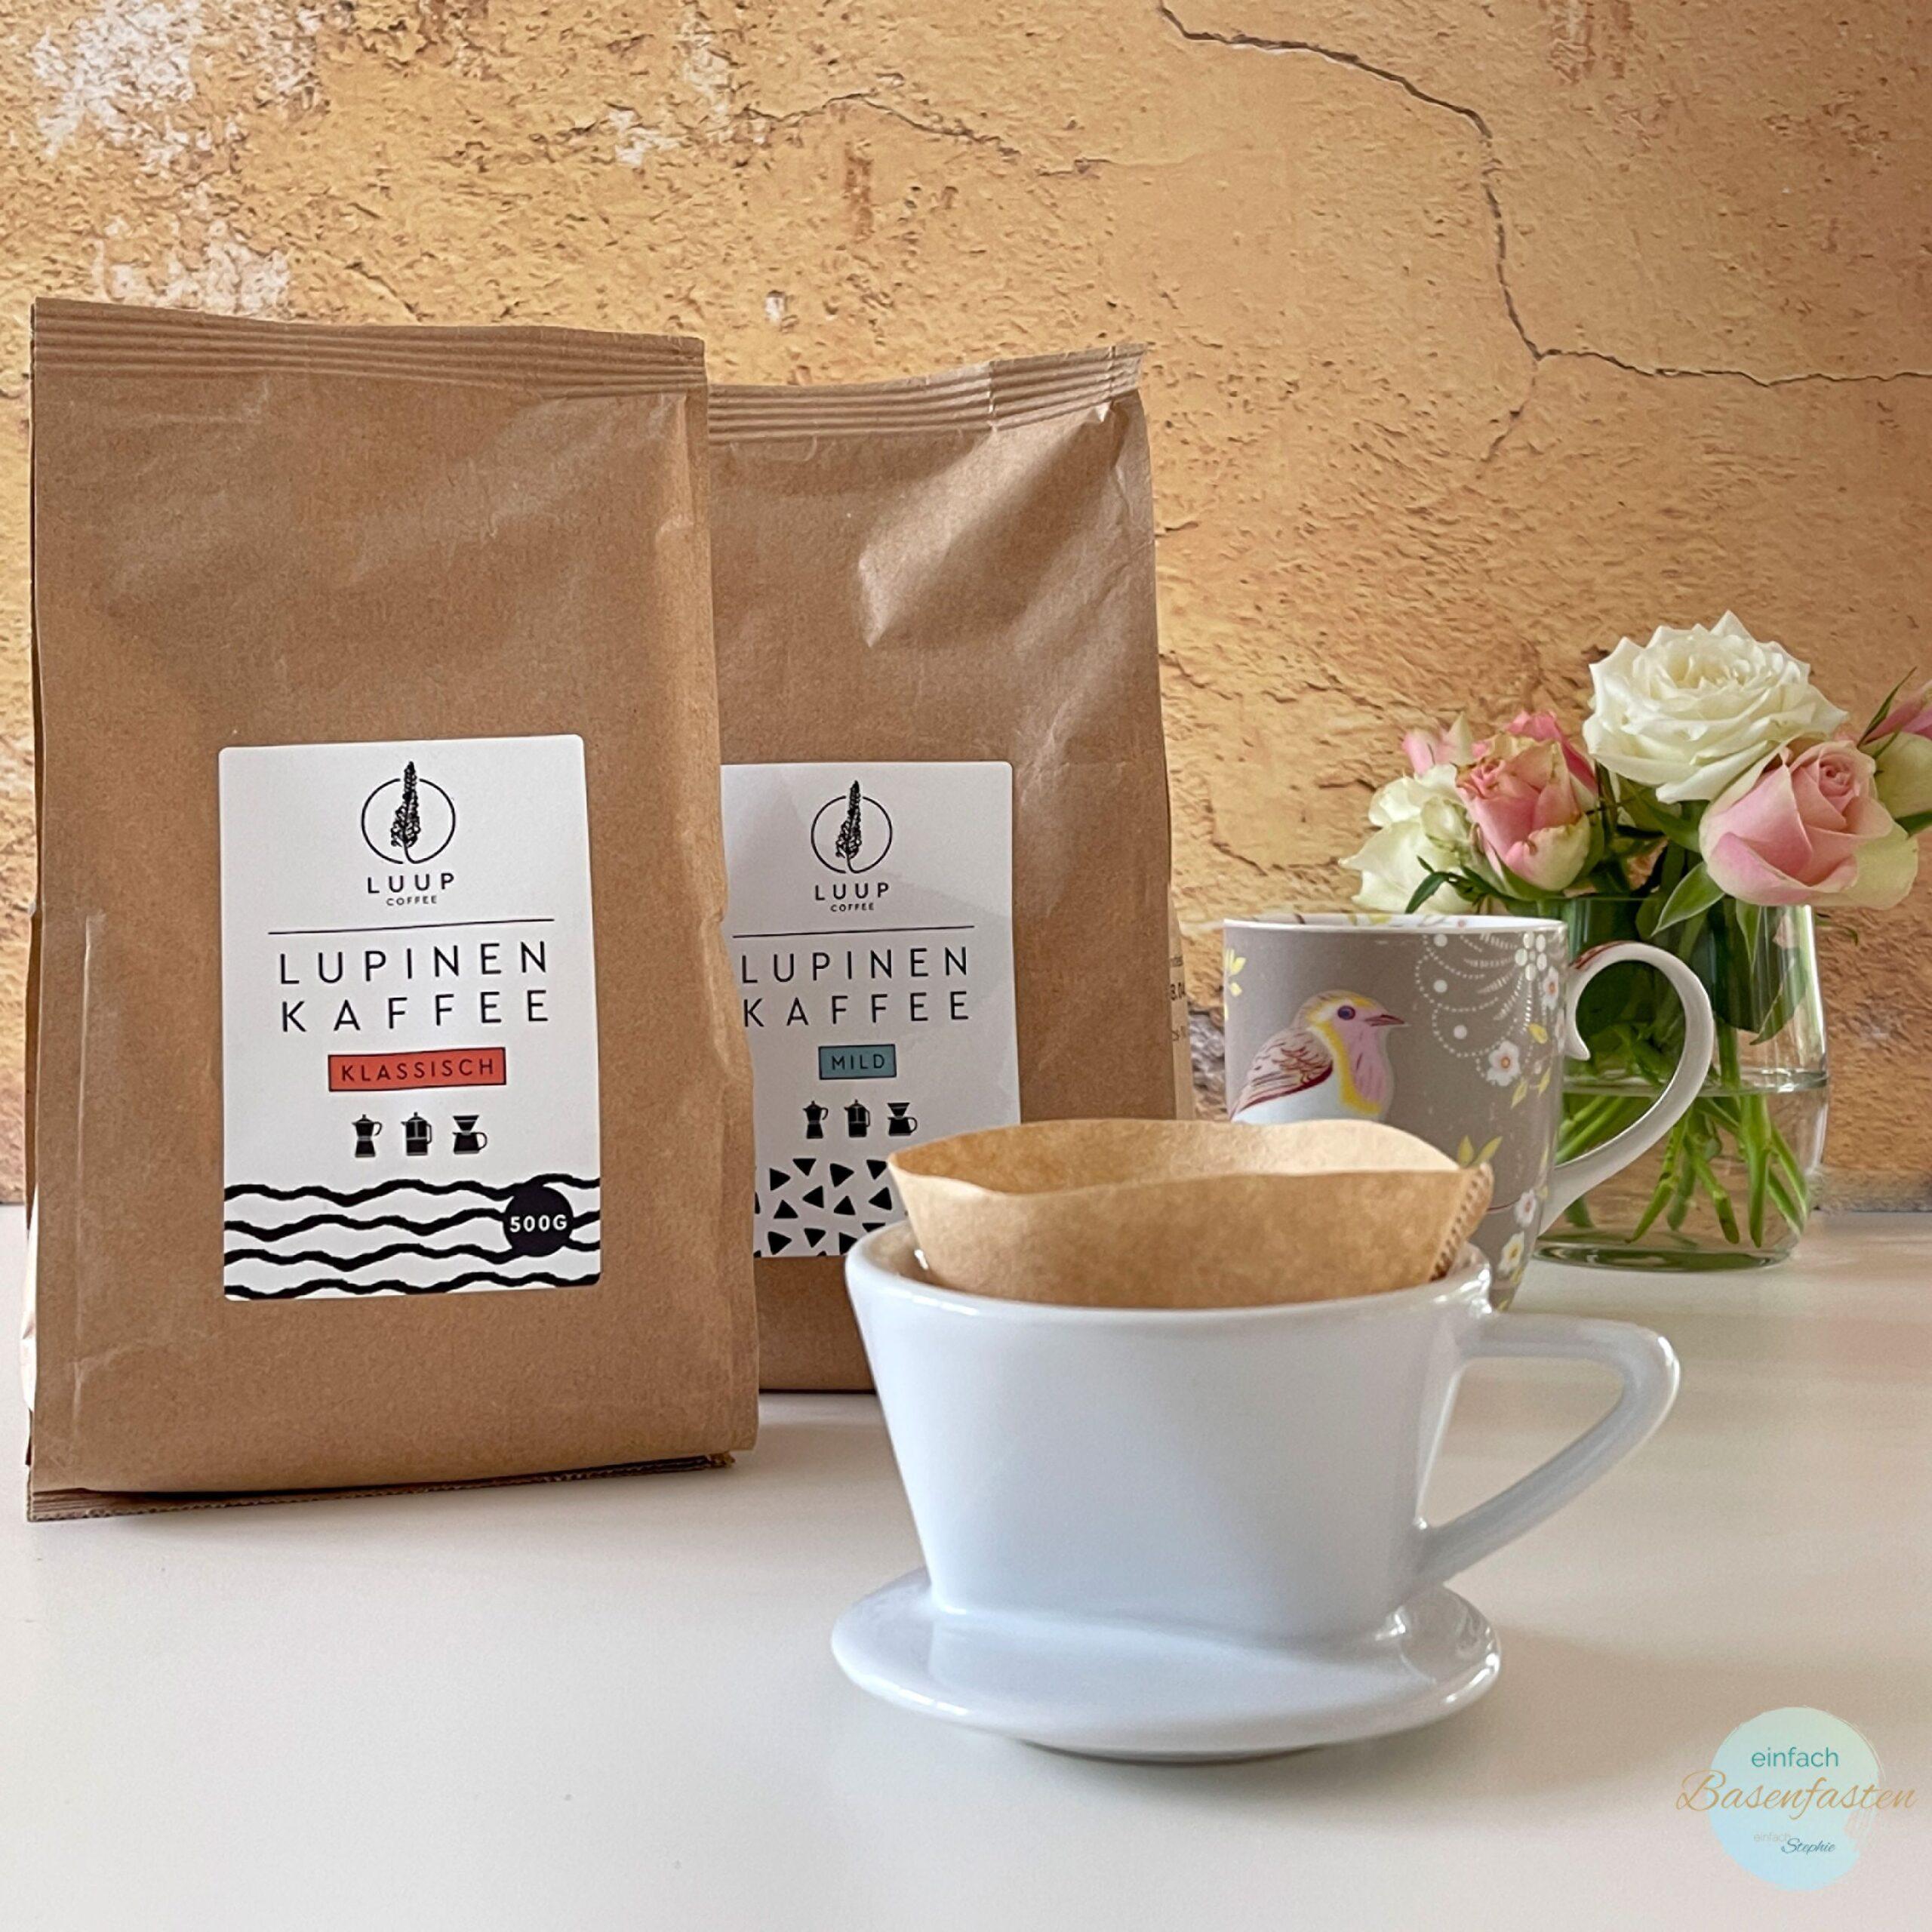 Luup Lupinenkaffee als leckere Alternative zu Kaffee. Koffeinfrei und basisch-1